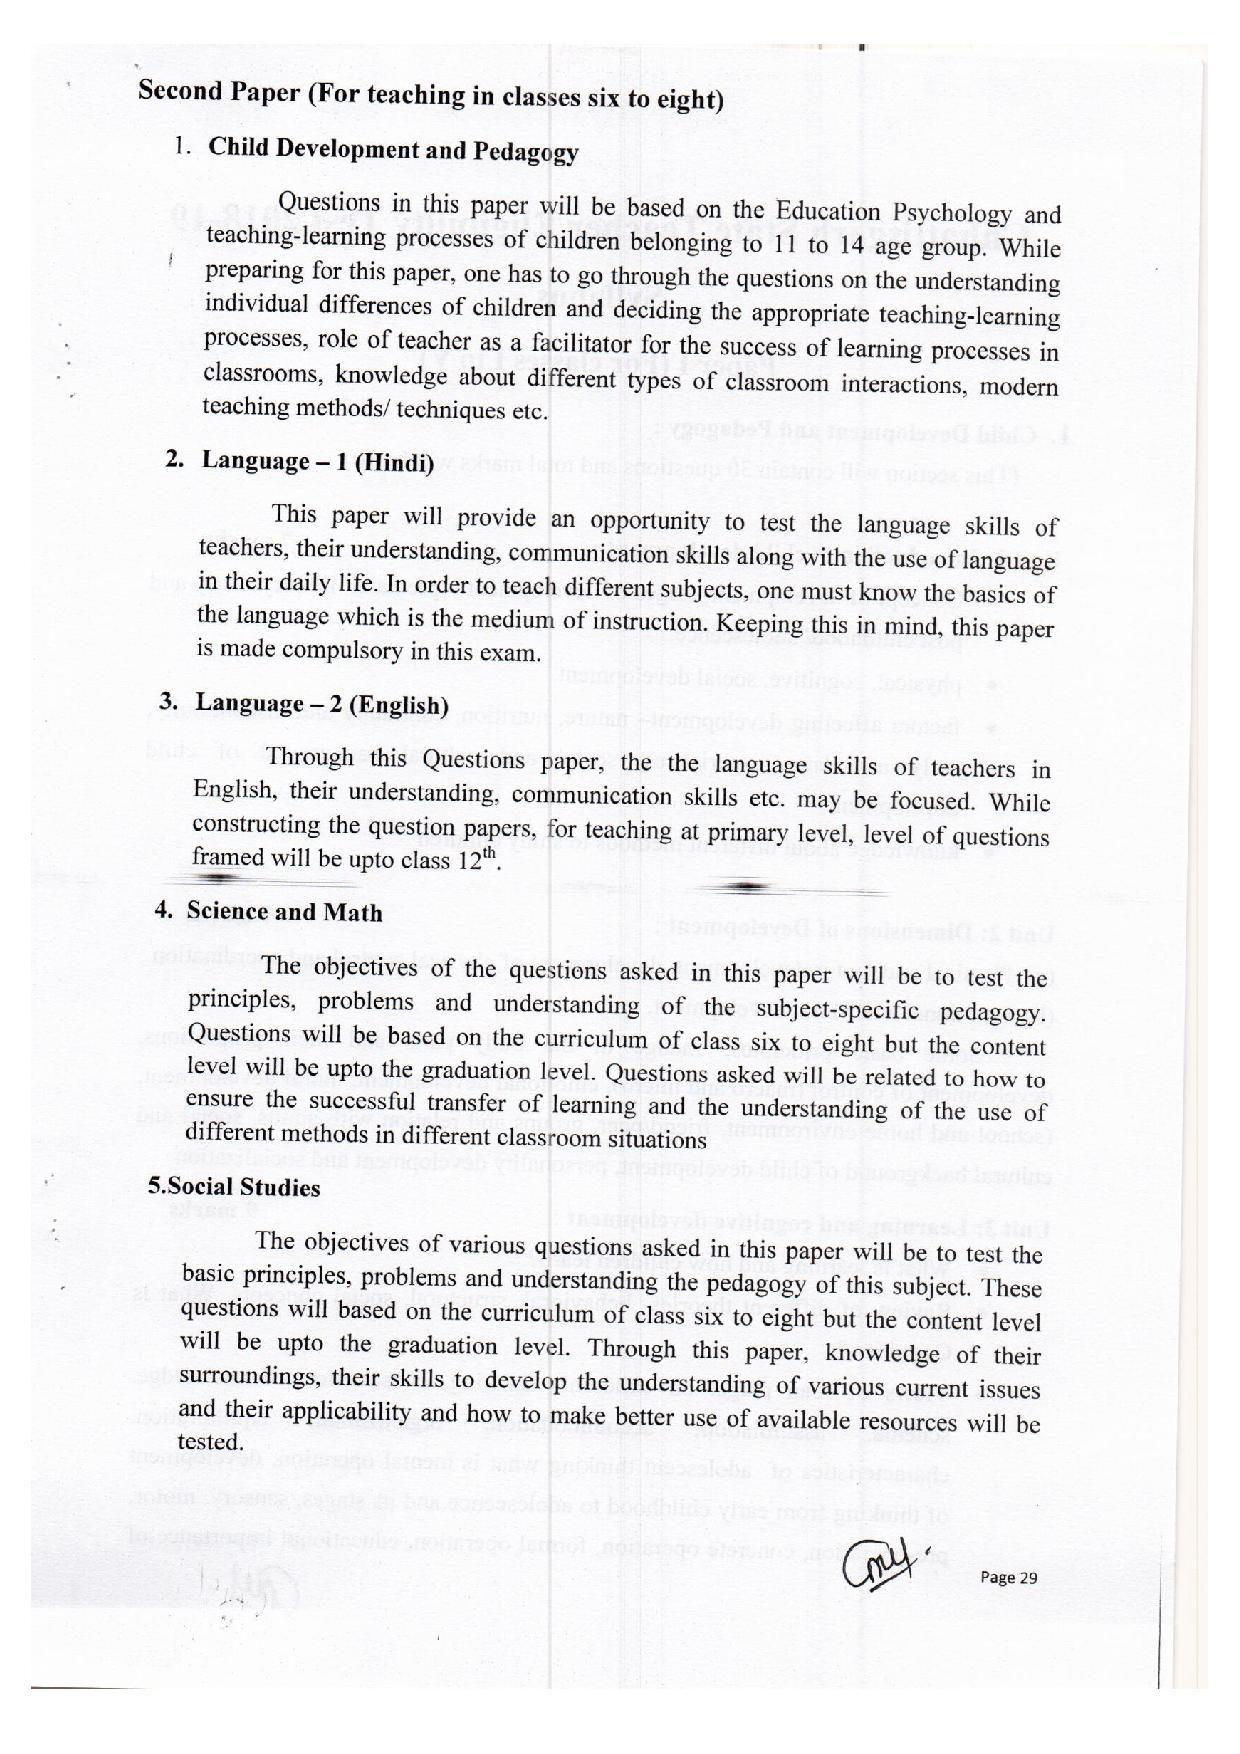 Cg TET Upper Primary Level Exam syllabus 2019